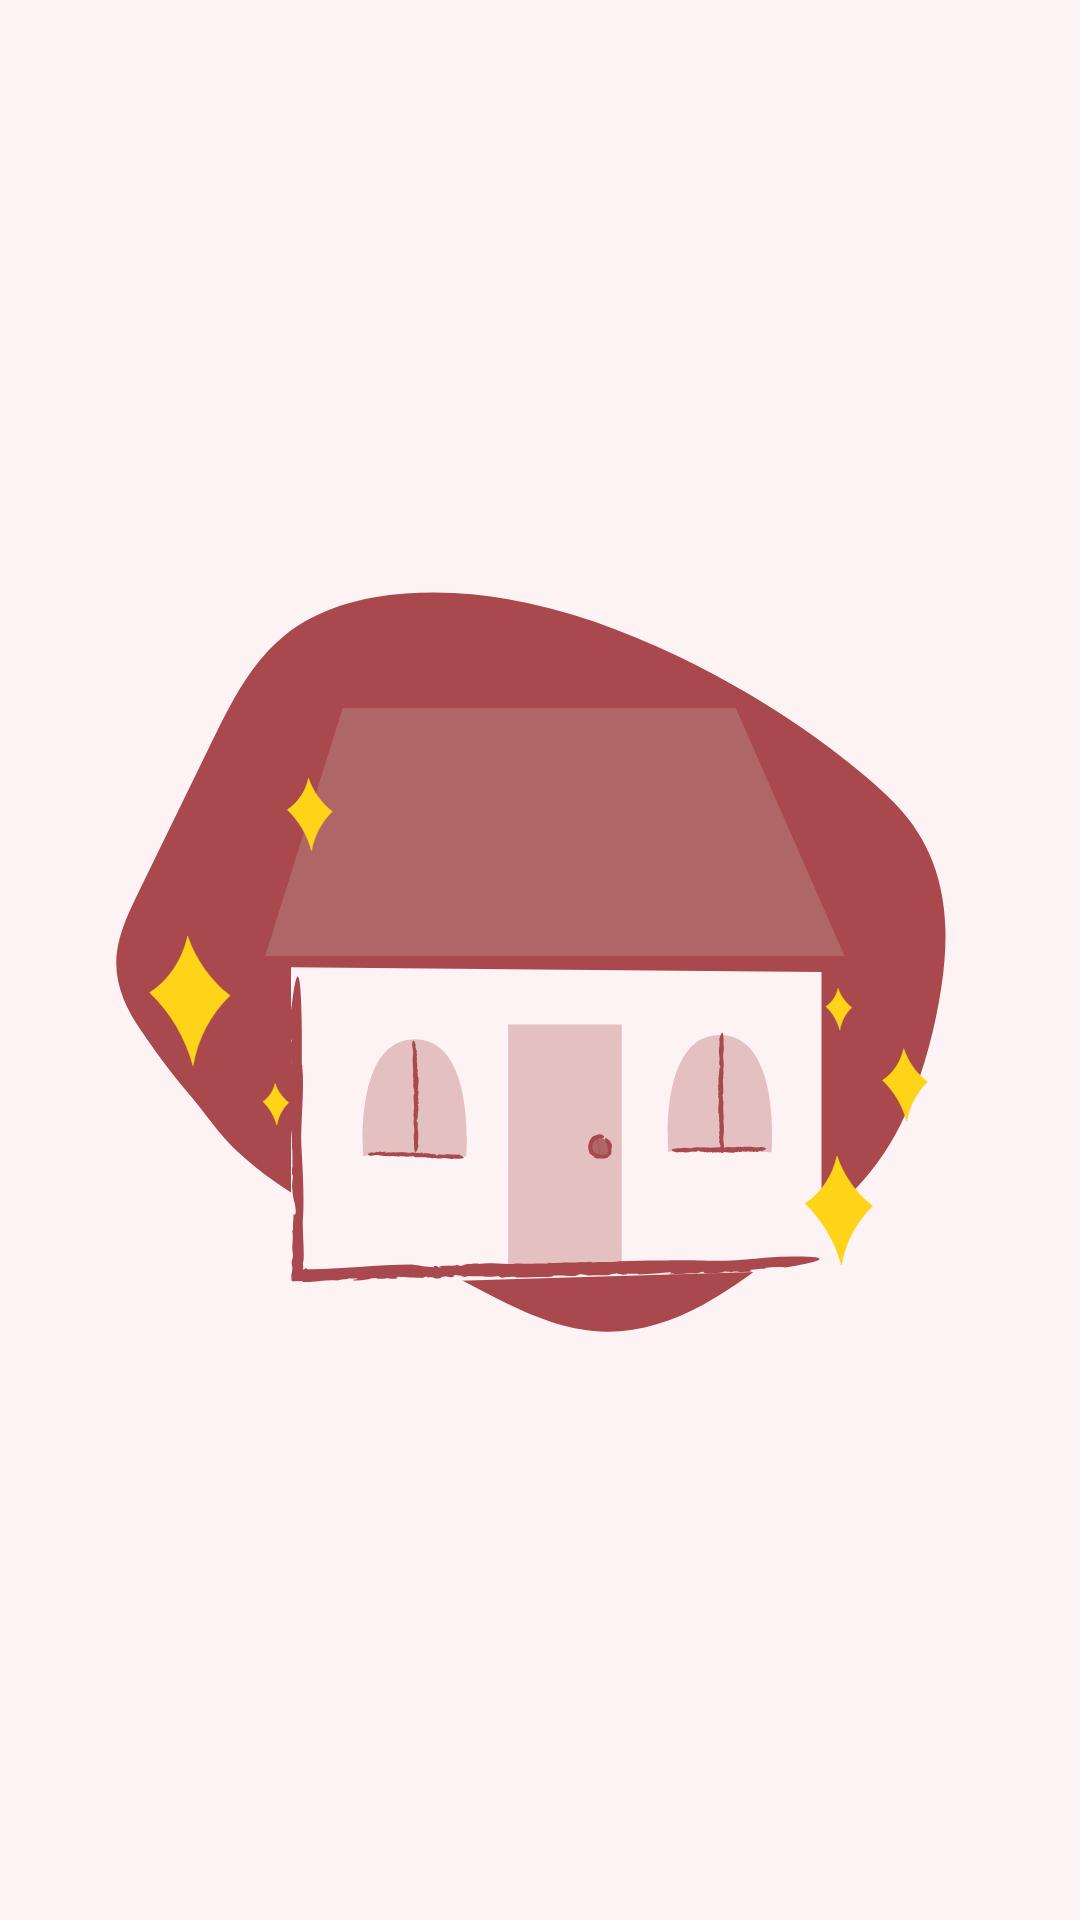 Шаблон иконки актуального с картинкой дома